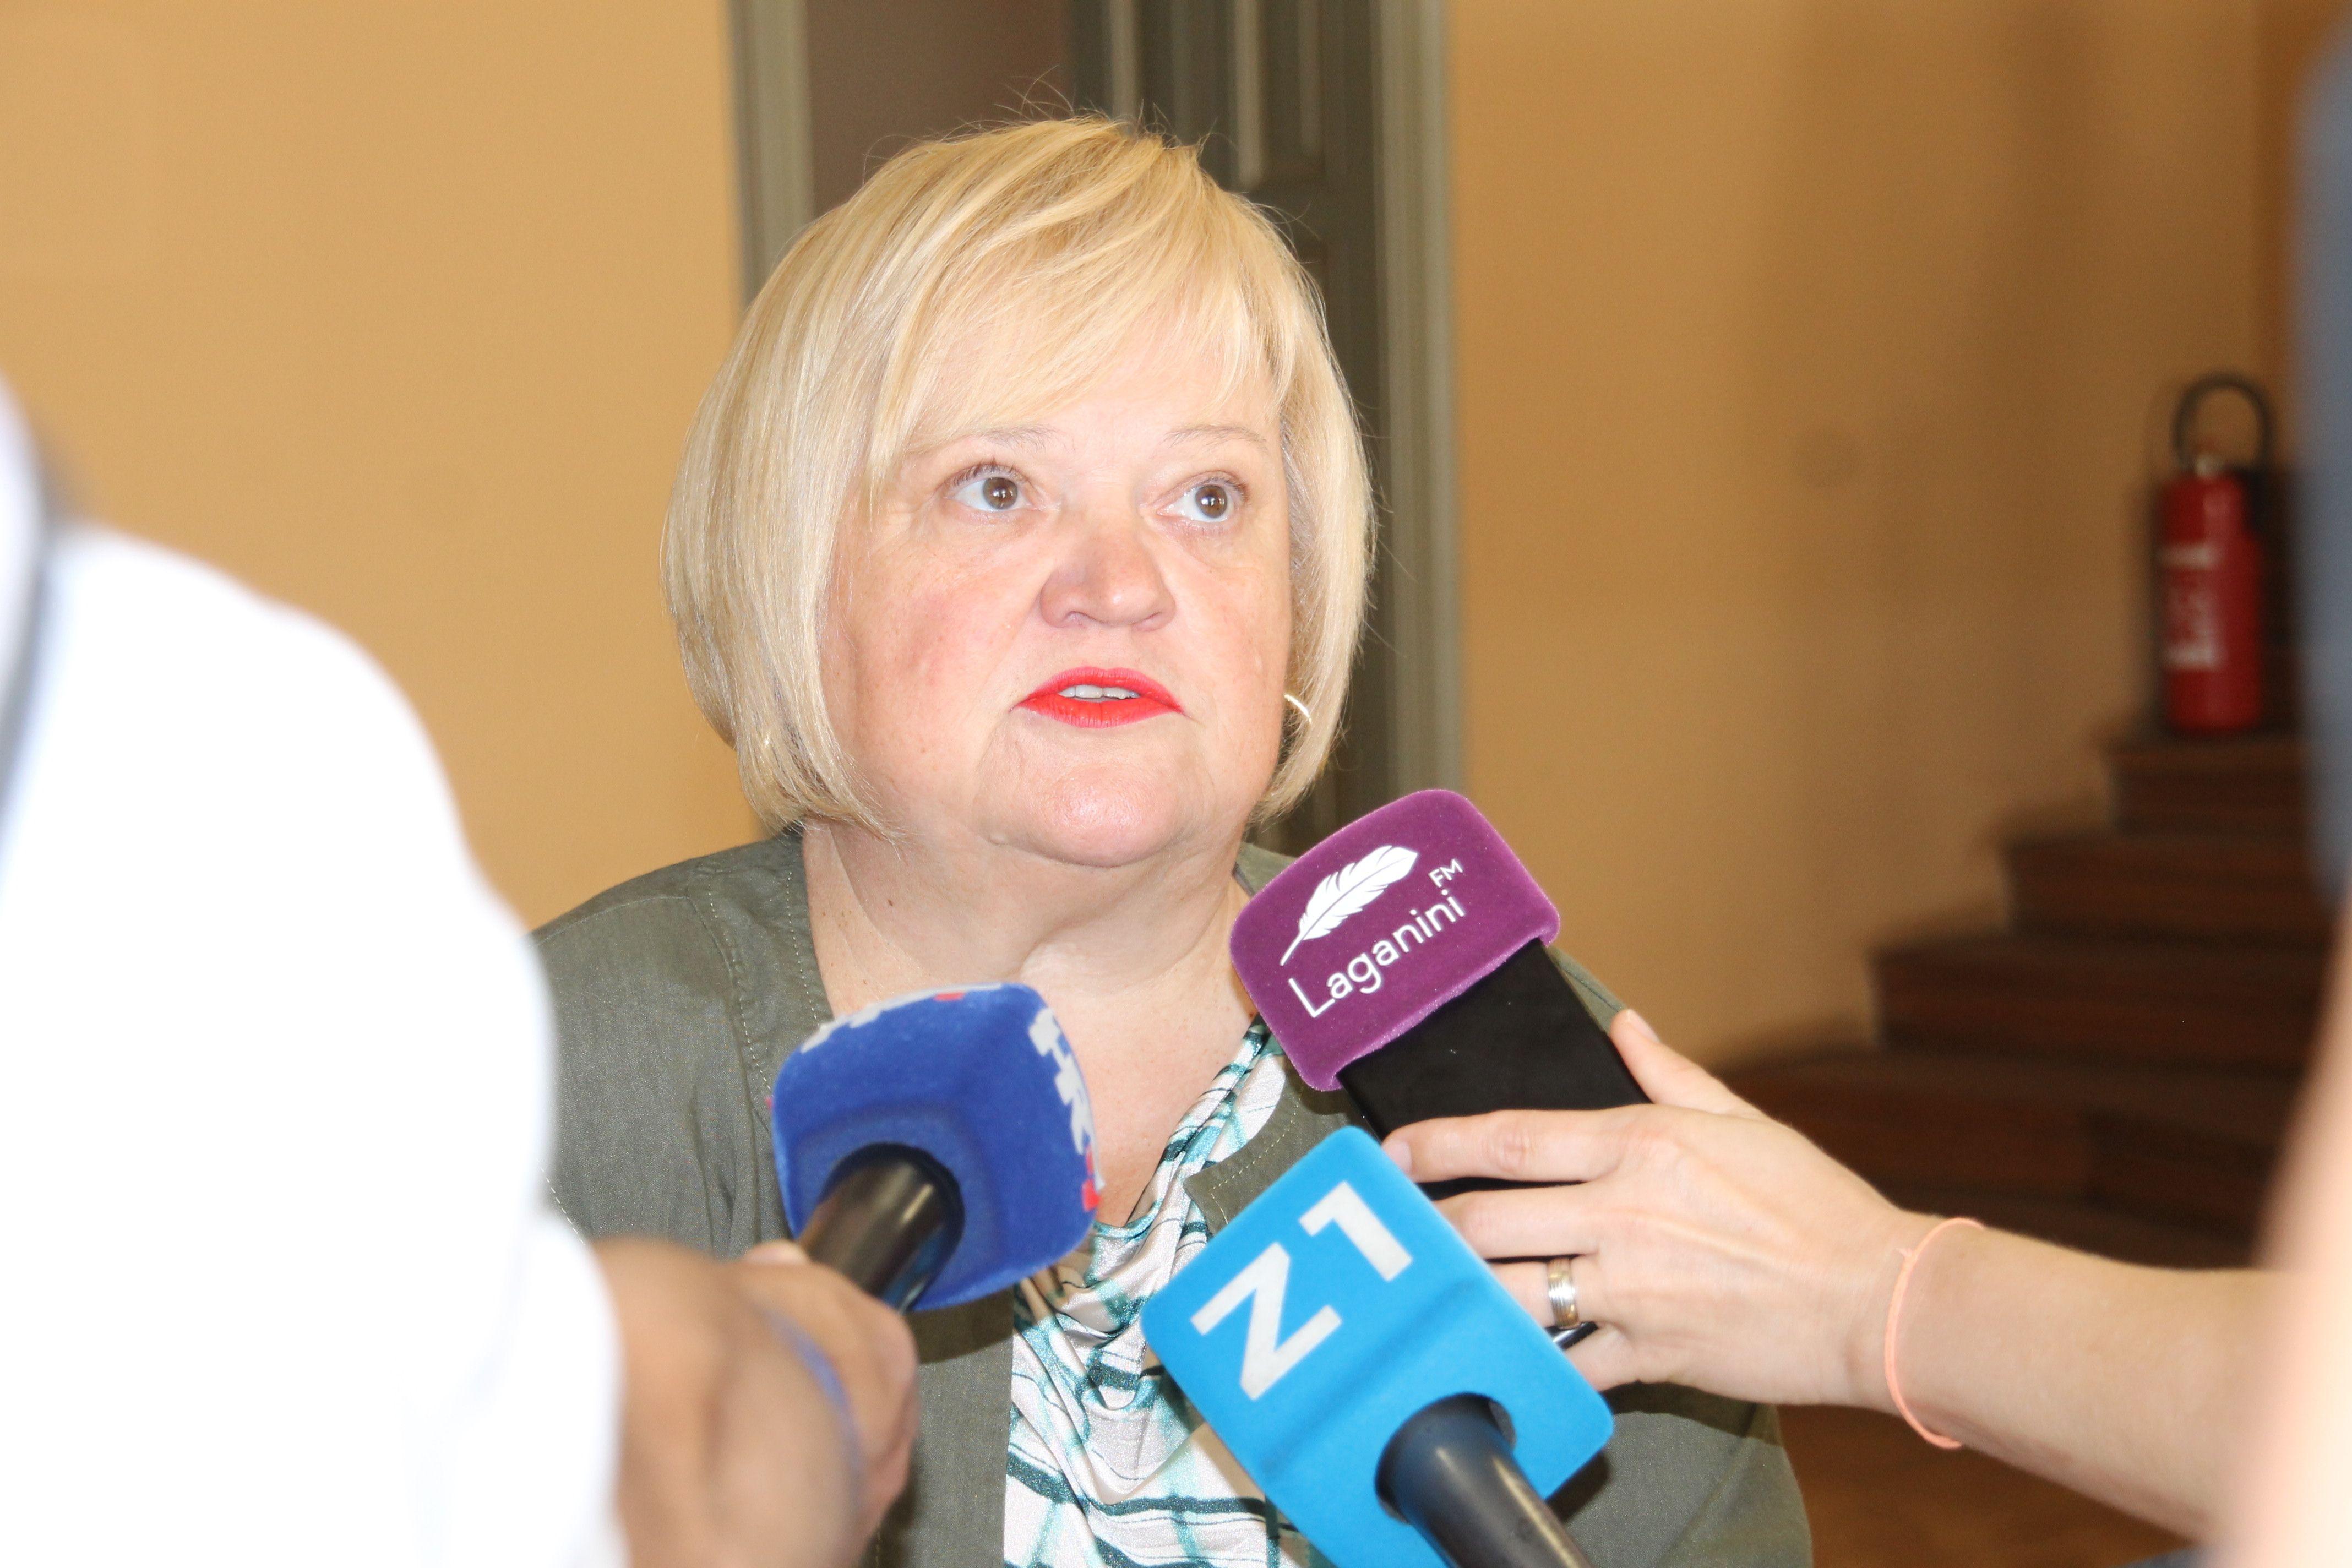 """Mrak-Taritaš oštro odgovorila Bandiću na optužbe: """"Gospodine gradonačelniče, zajedno sa svojim suradnicima, radite protuzakonito"""""""